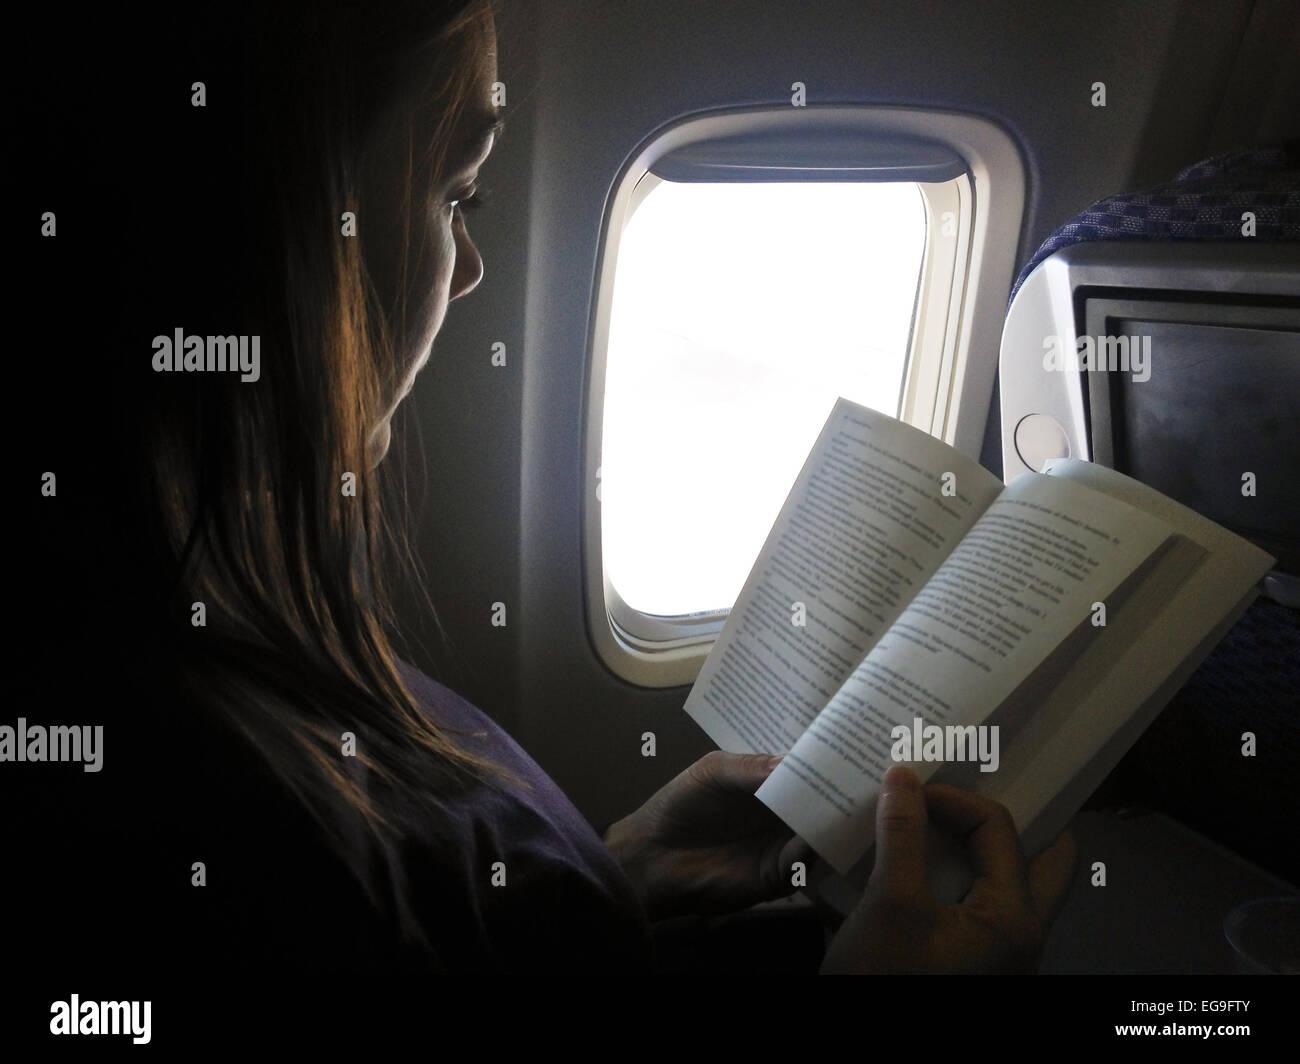 Woman reading on flight Photo Stock